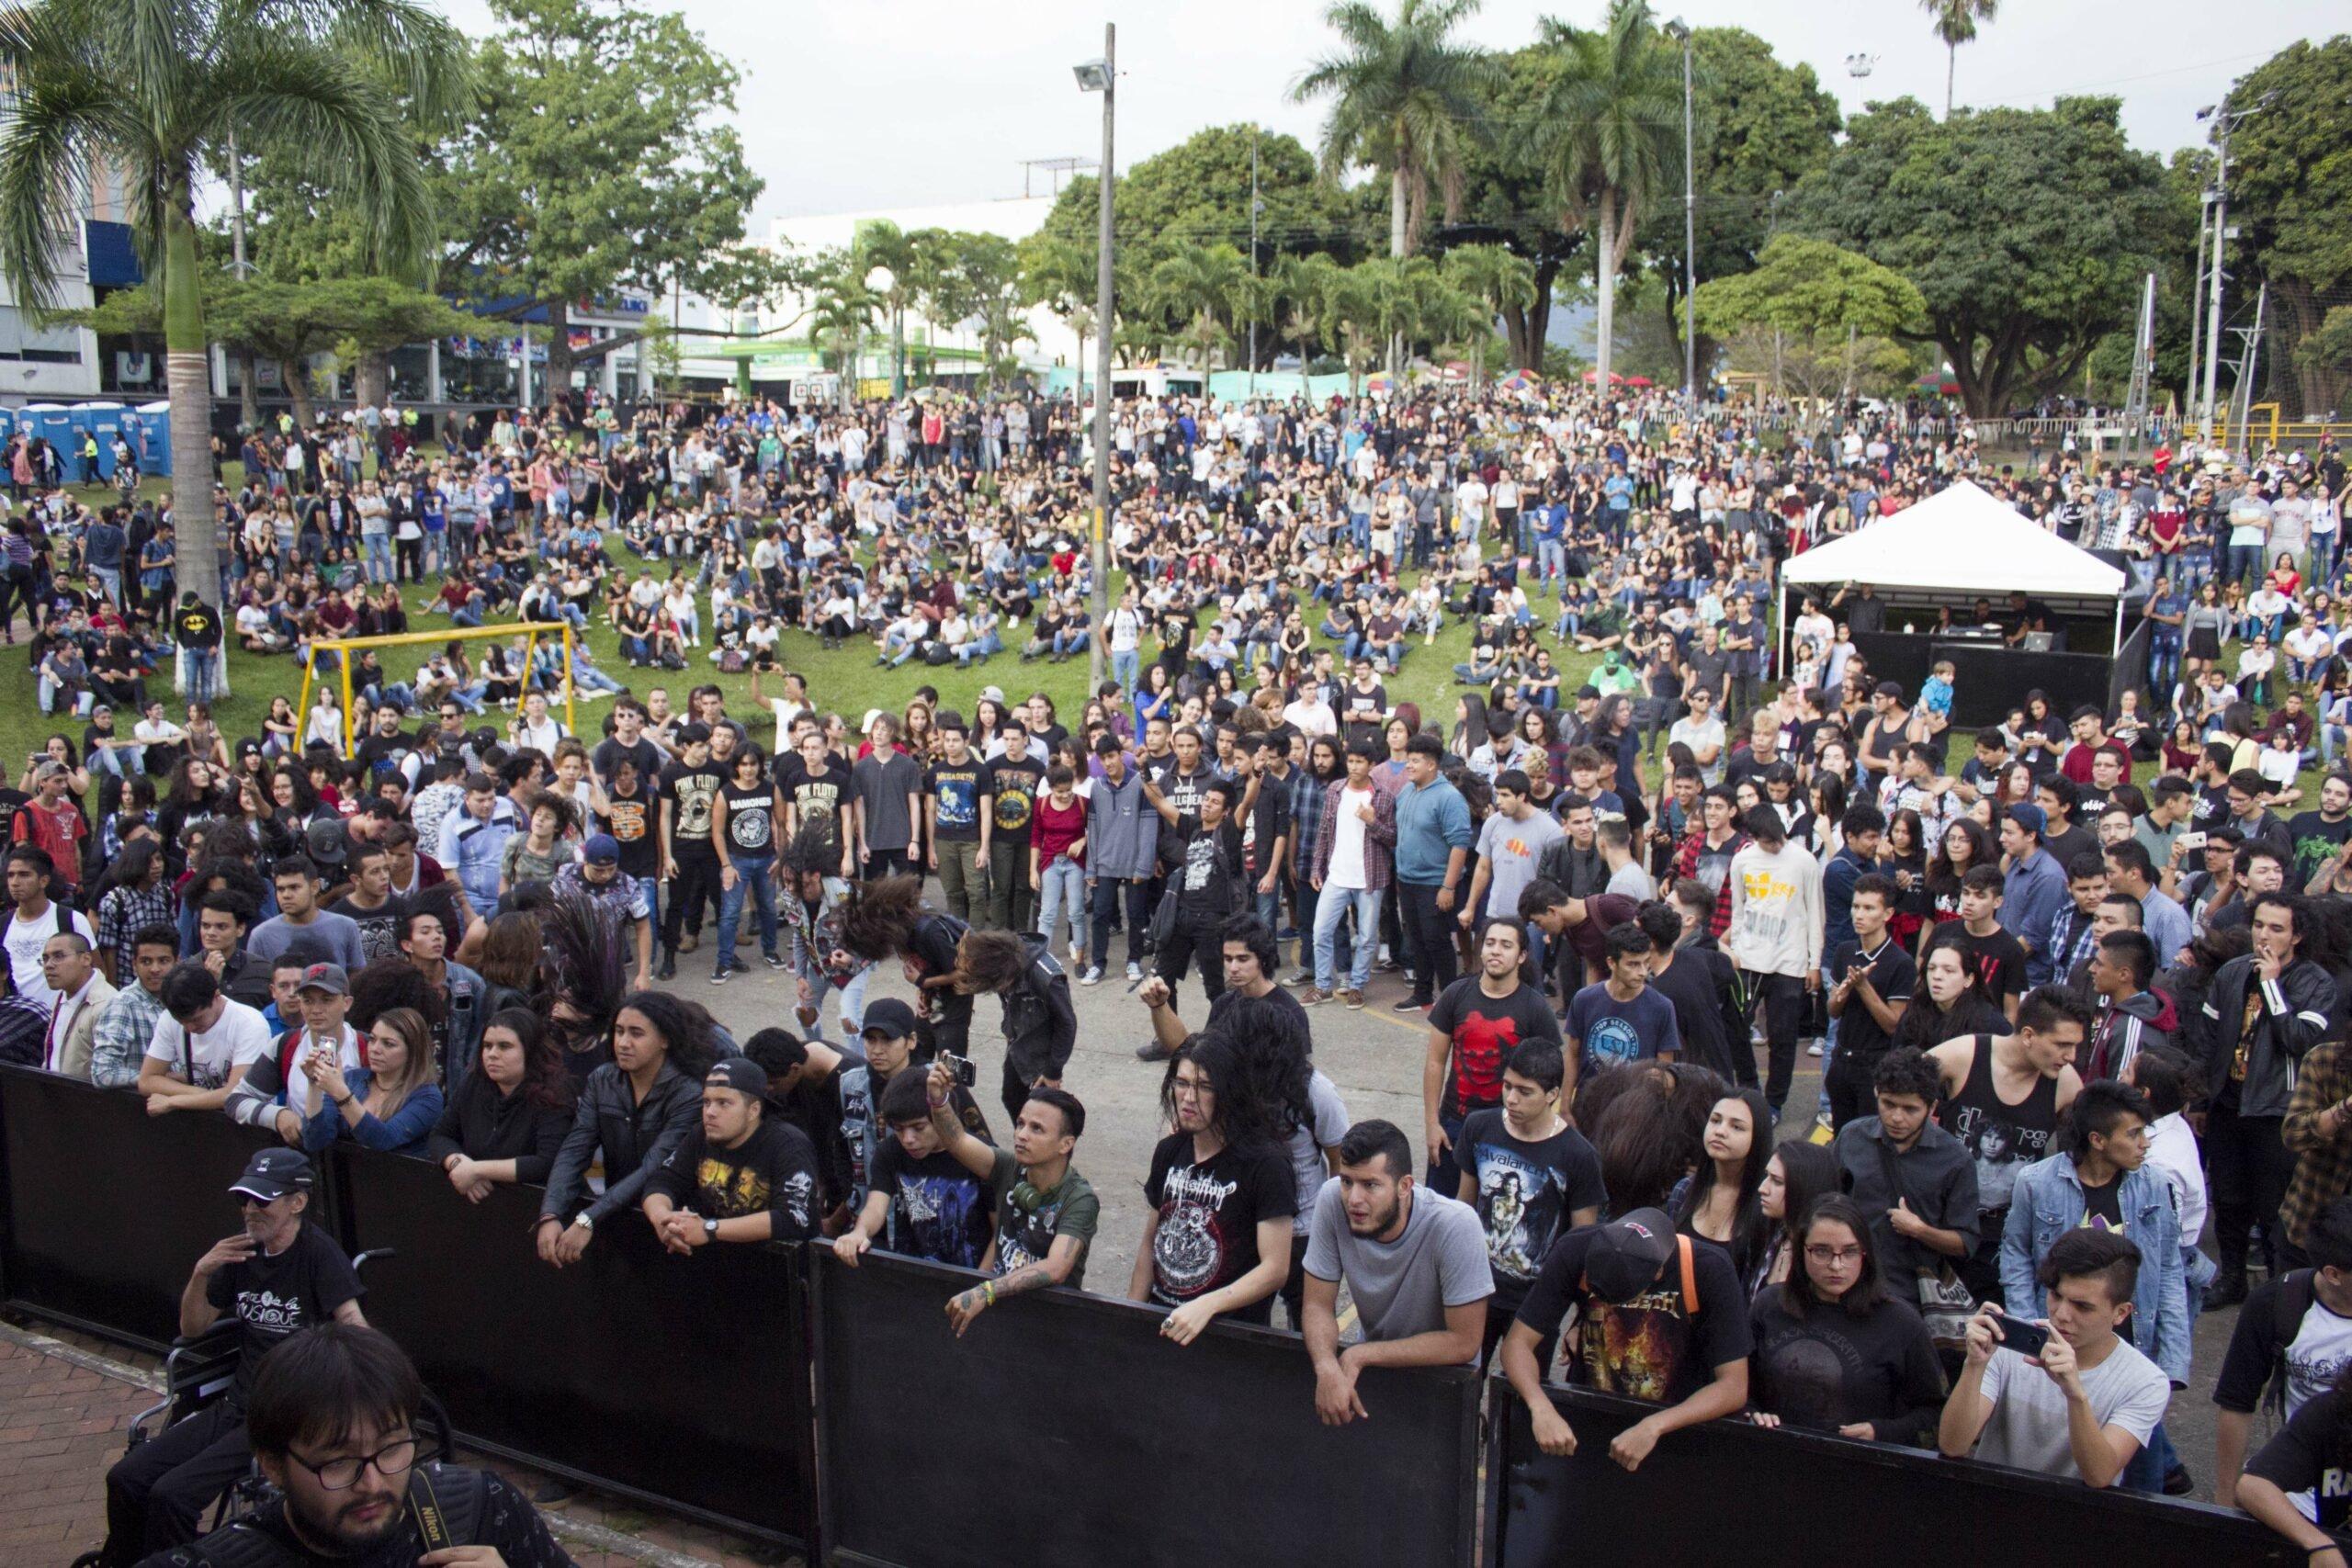 La Fiesta de la Música en Pereira, celebra 15 años y será un evento híbrido con muchas sorpresas para las comunidades